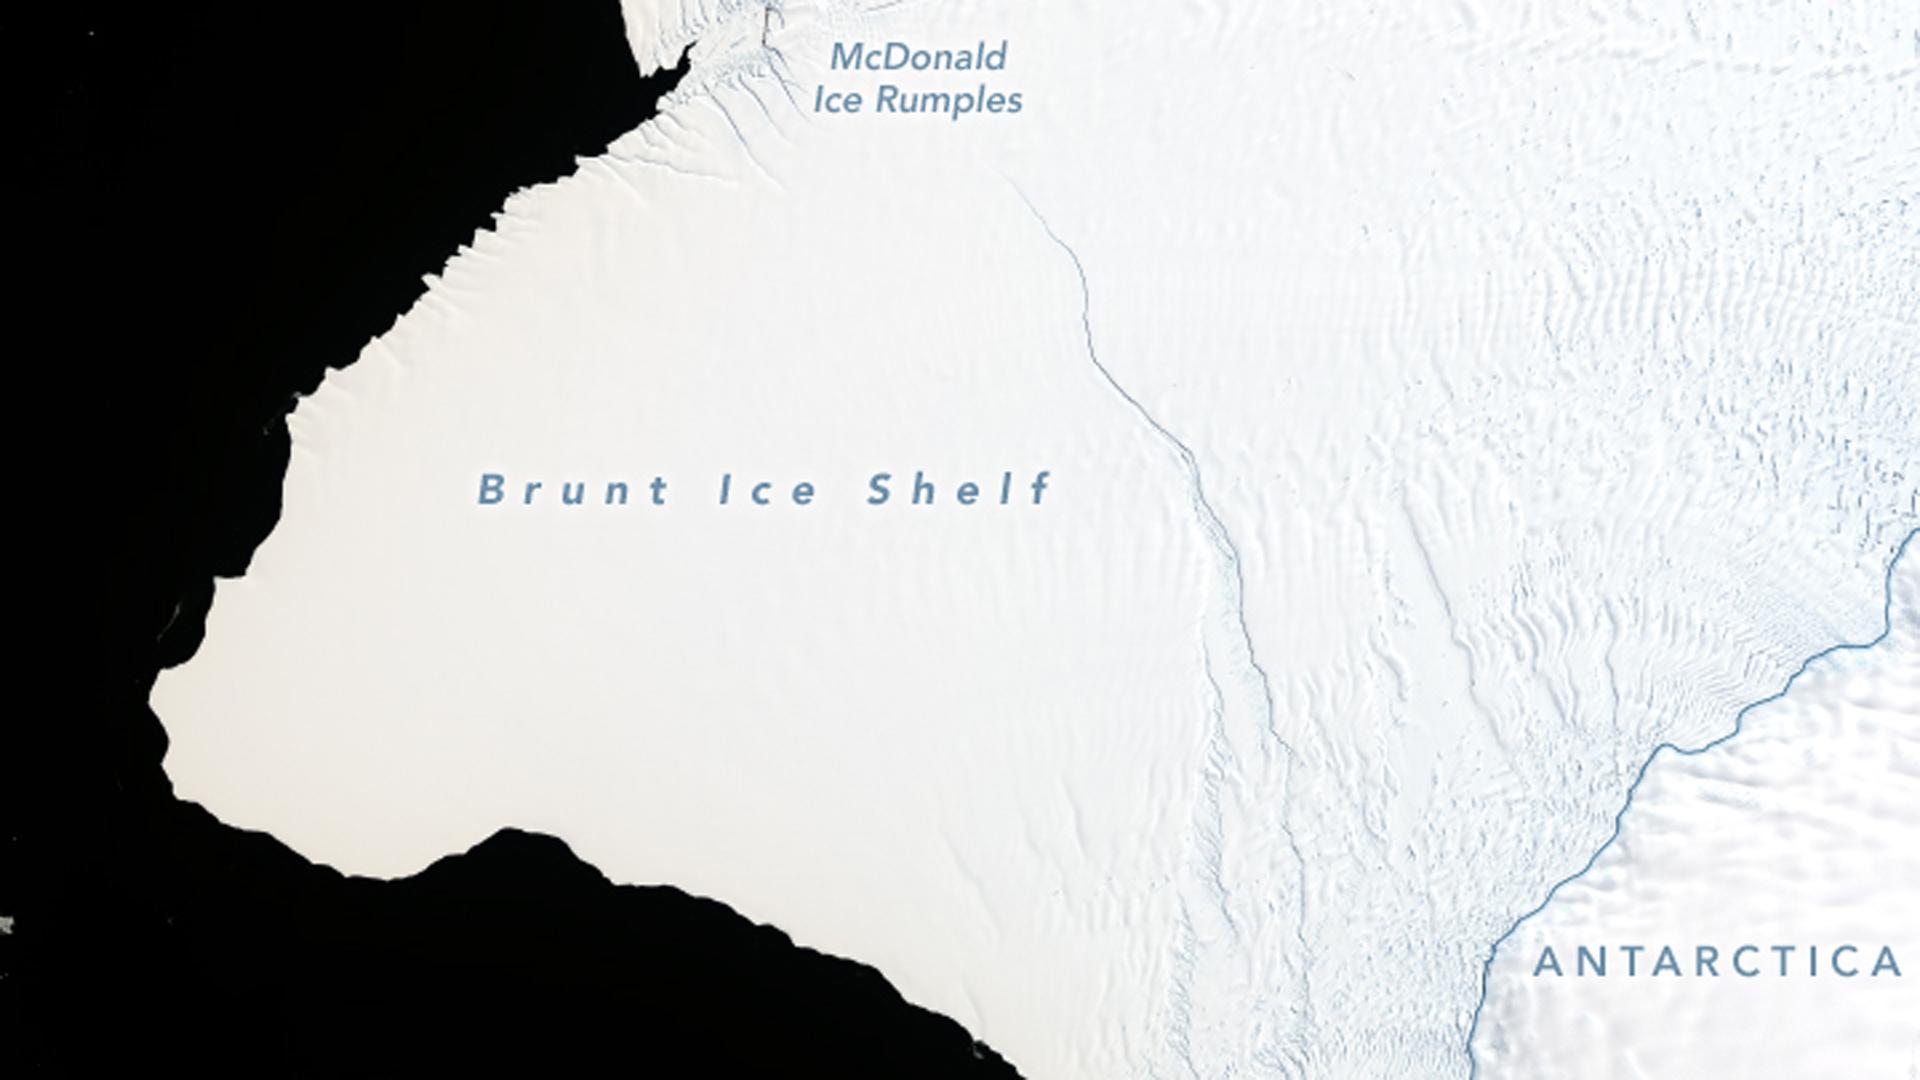 NASA released this image showing cracks growing across Antarctica's Brunt Ice Shelf.